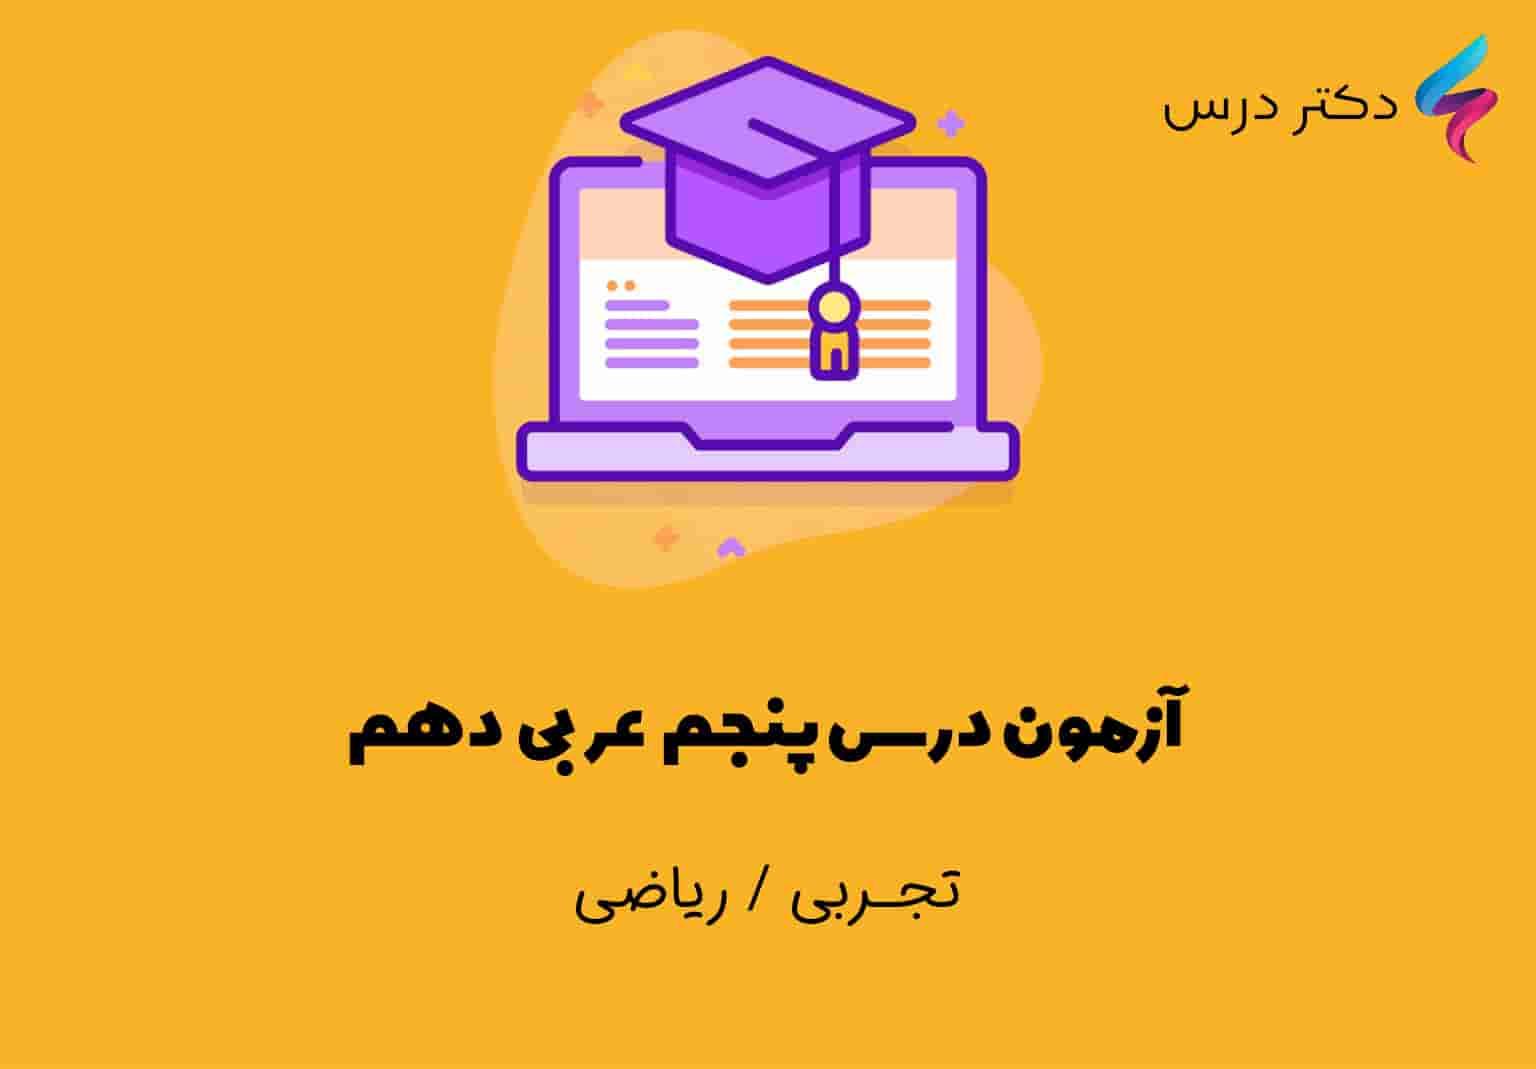 آزمون درس پنجم عربی دهم ویژه رشته تجربی و ریاضی | جمله فعلیه و اسمیه